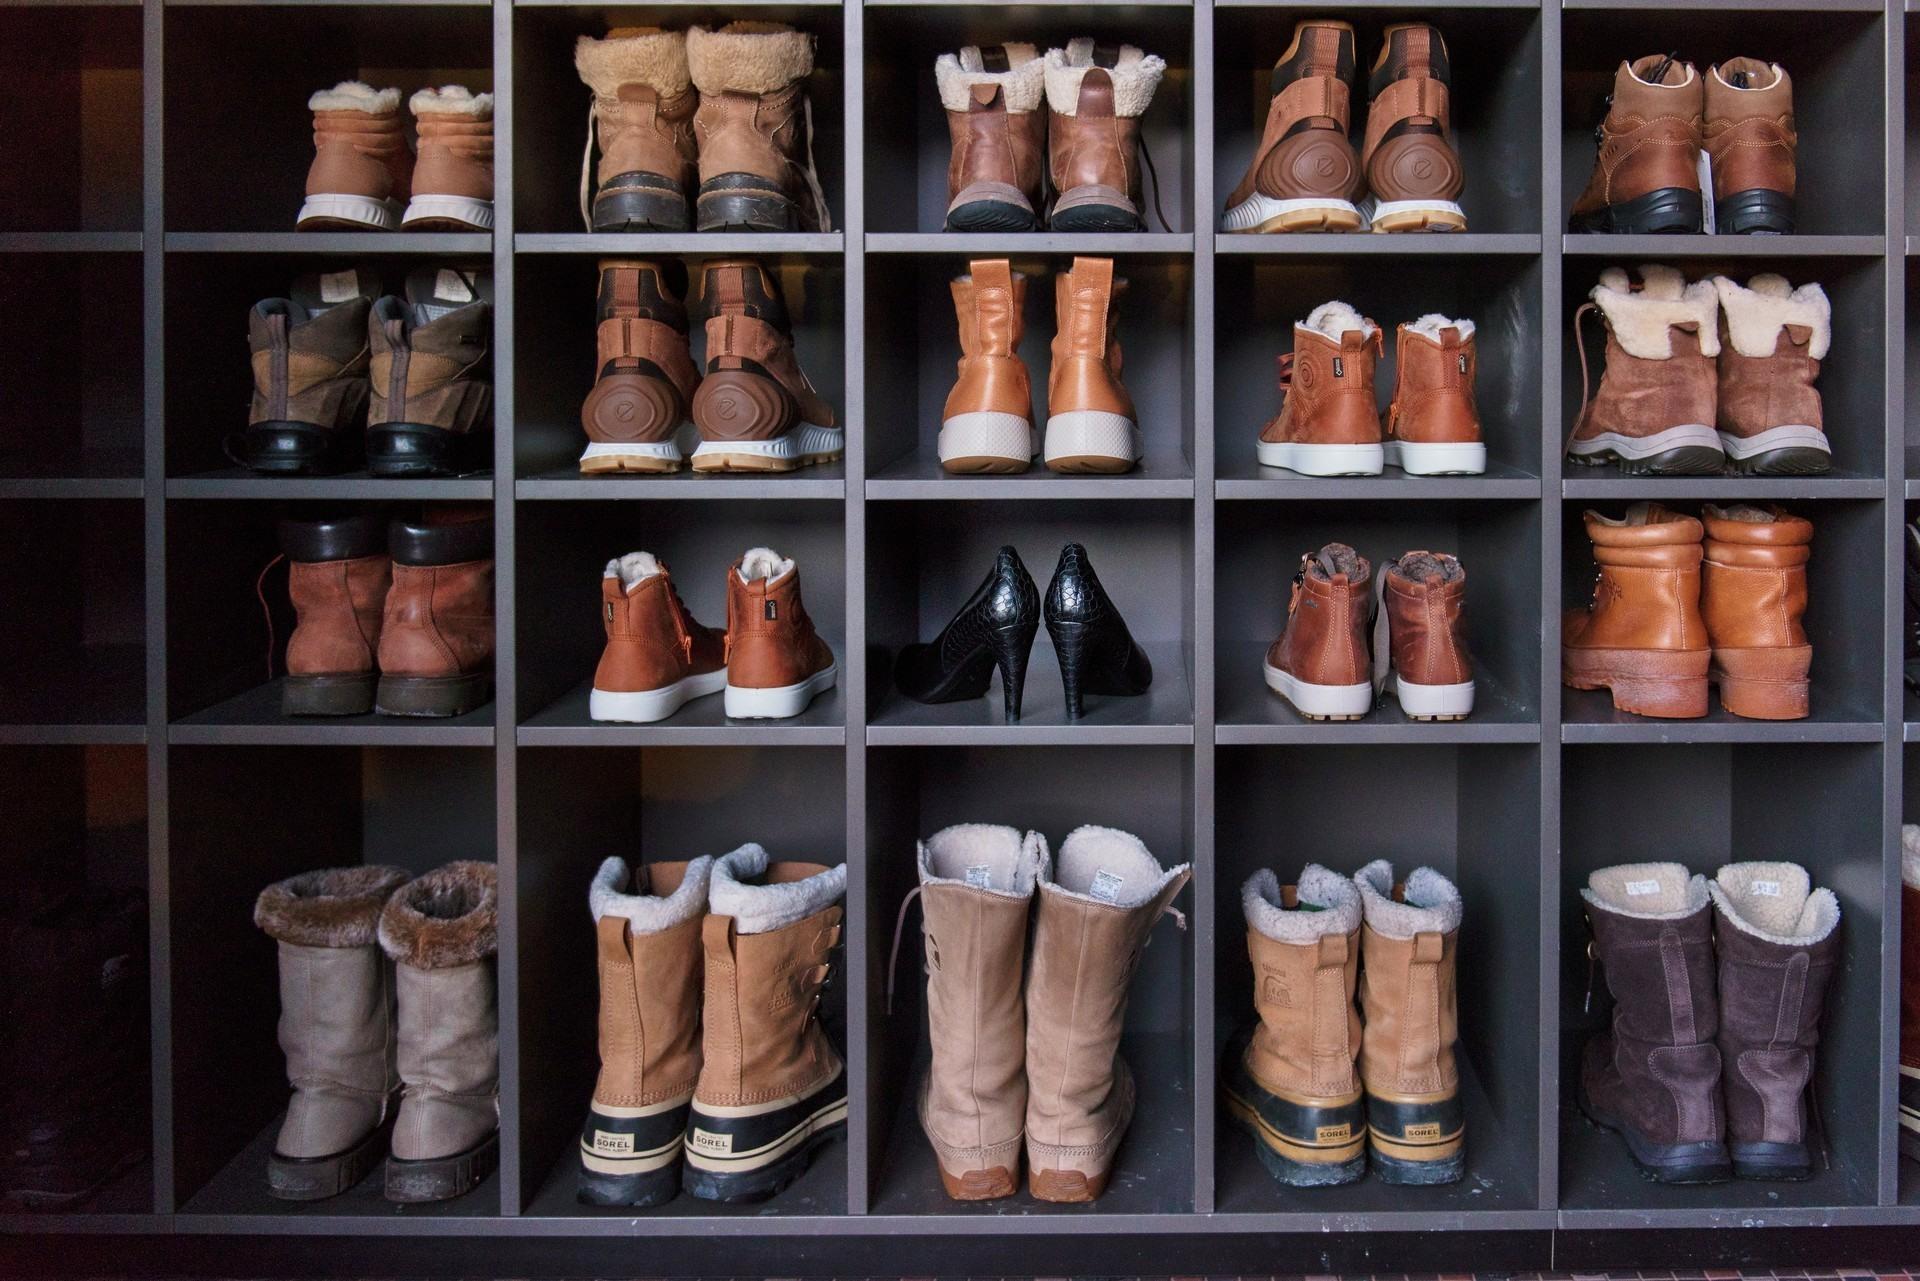 Agurtxane Concellon Radisson Shoes5 7605456 Foto Agurtxane Concellon 1920